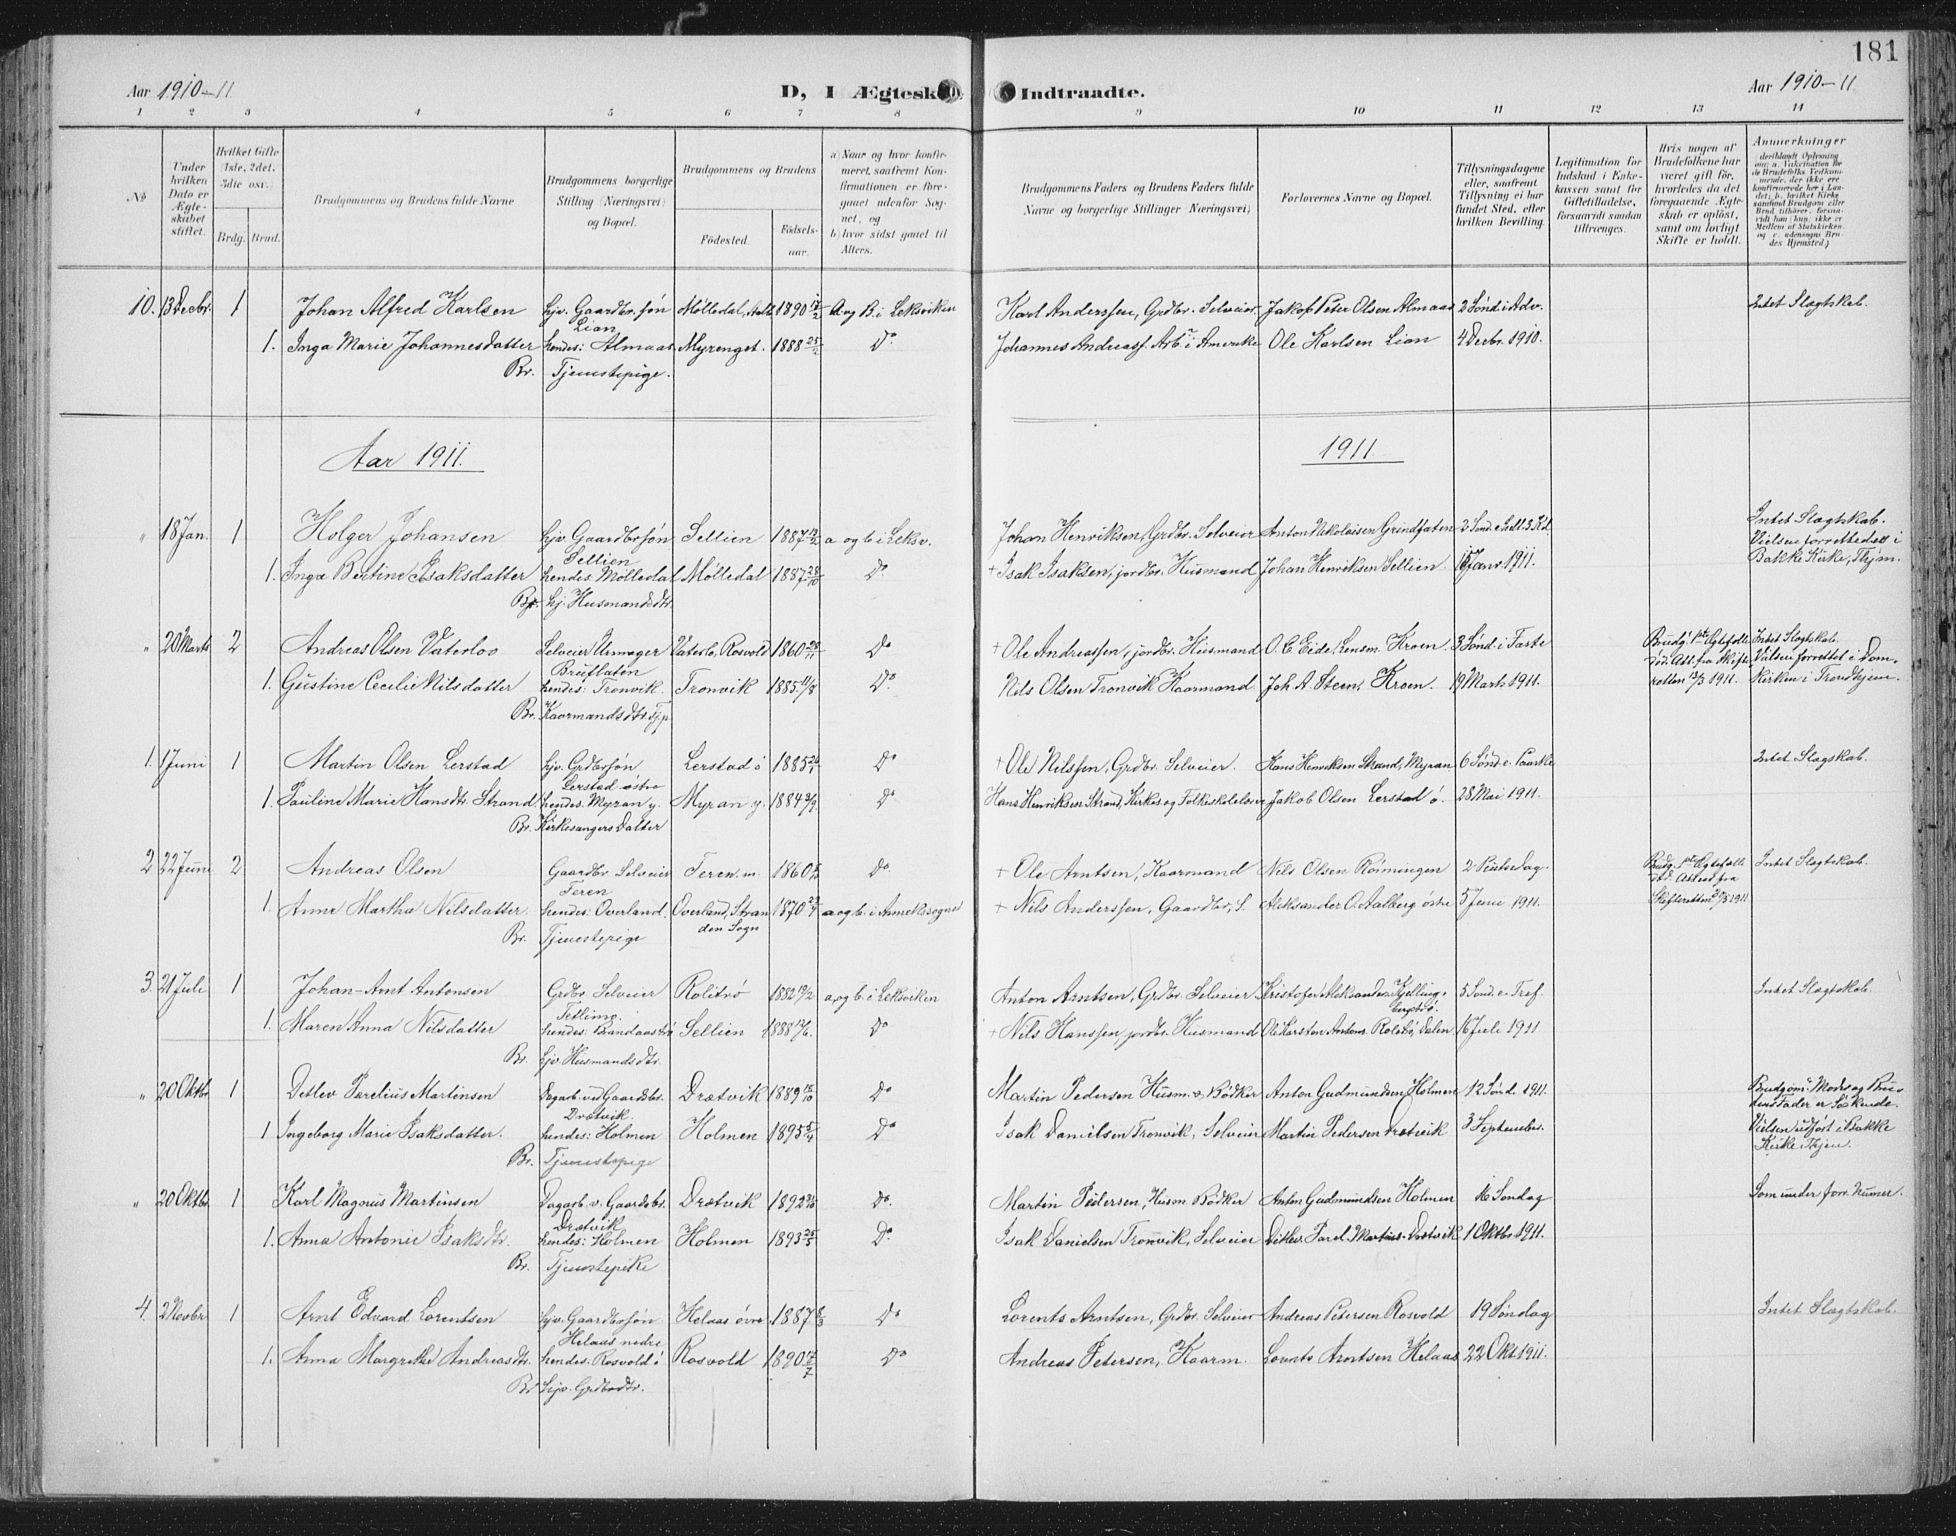 SAT, Ministerialprotokoller, klokkerbøker og fødselsregistre - Nord-Trøndelag, 701/L0011: Ministerialbok nr. 701A11, 1899-1915, s. 181